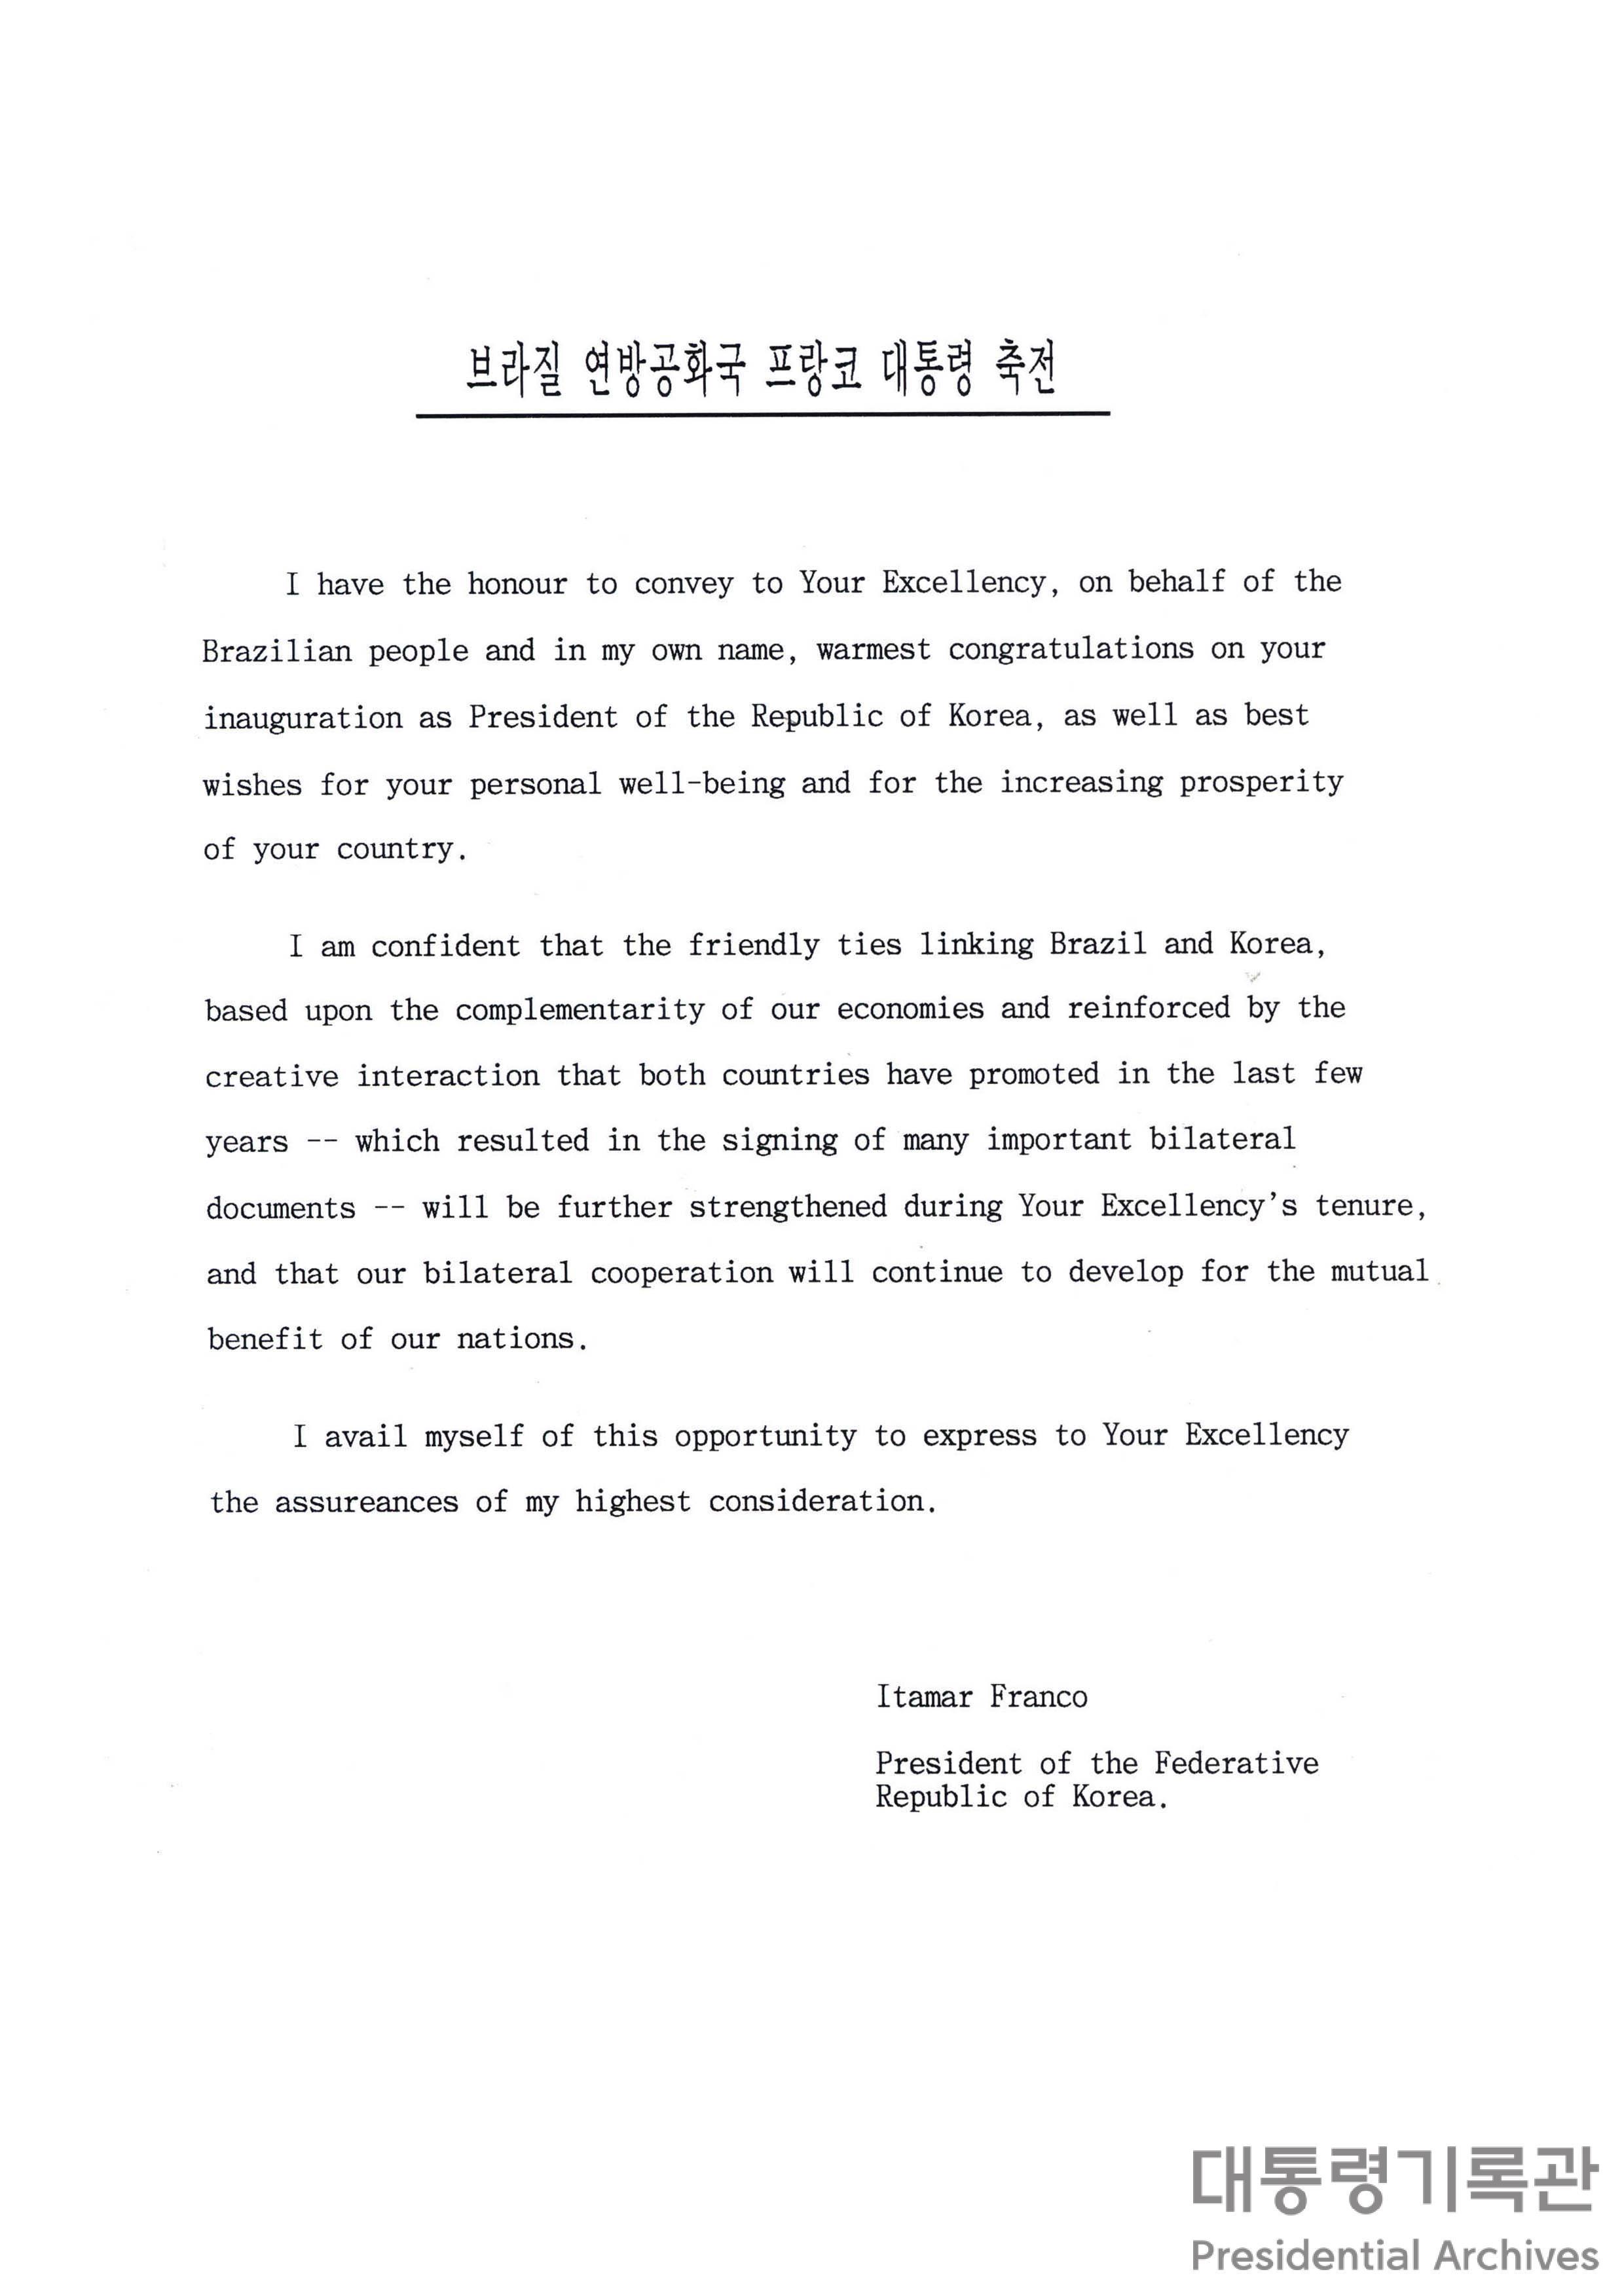 이타마르 프랑코(Itamar Franco) 브라질 대통령이 김영삼 대통령에 보낸 서한